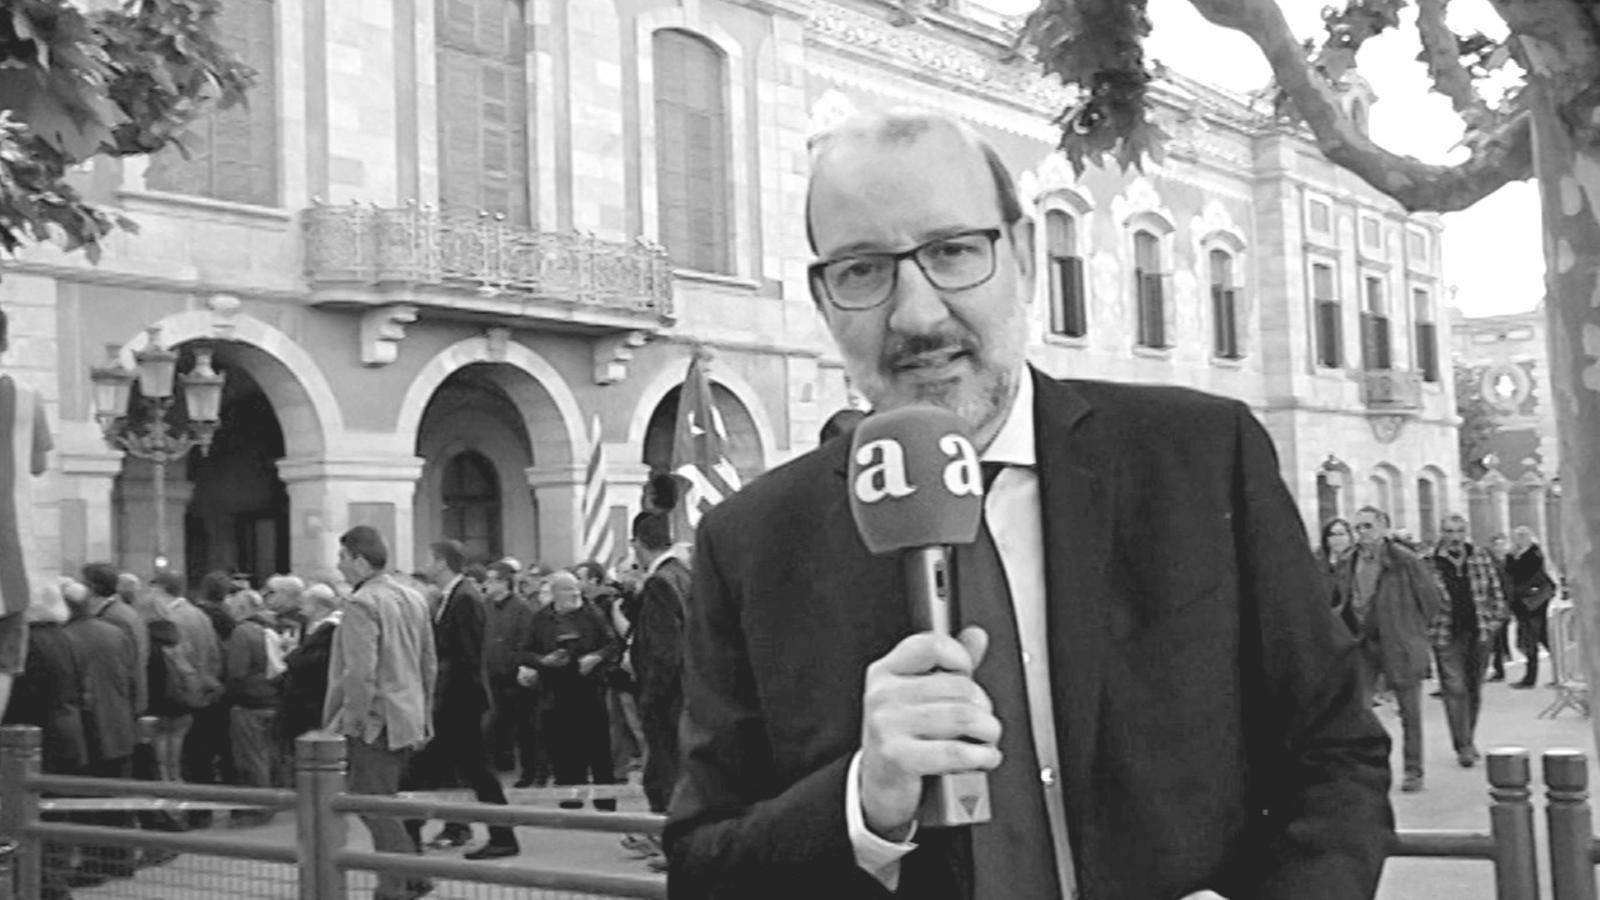 L'anàlisi d'Antoni Bassas: 'Prohibit parlar al Parlament'